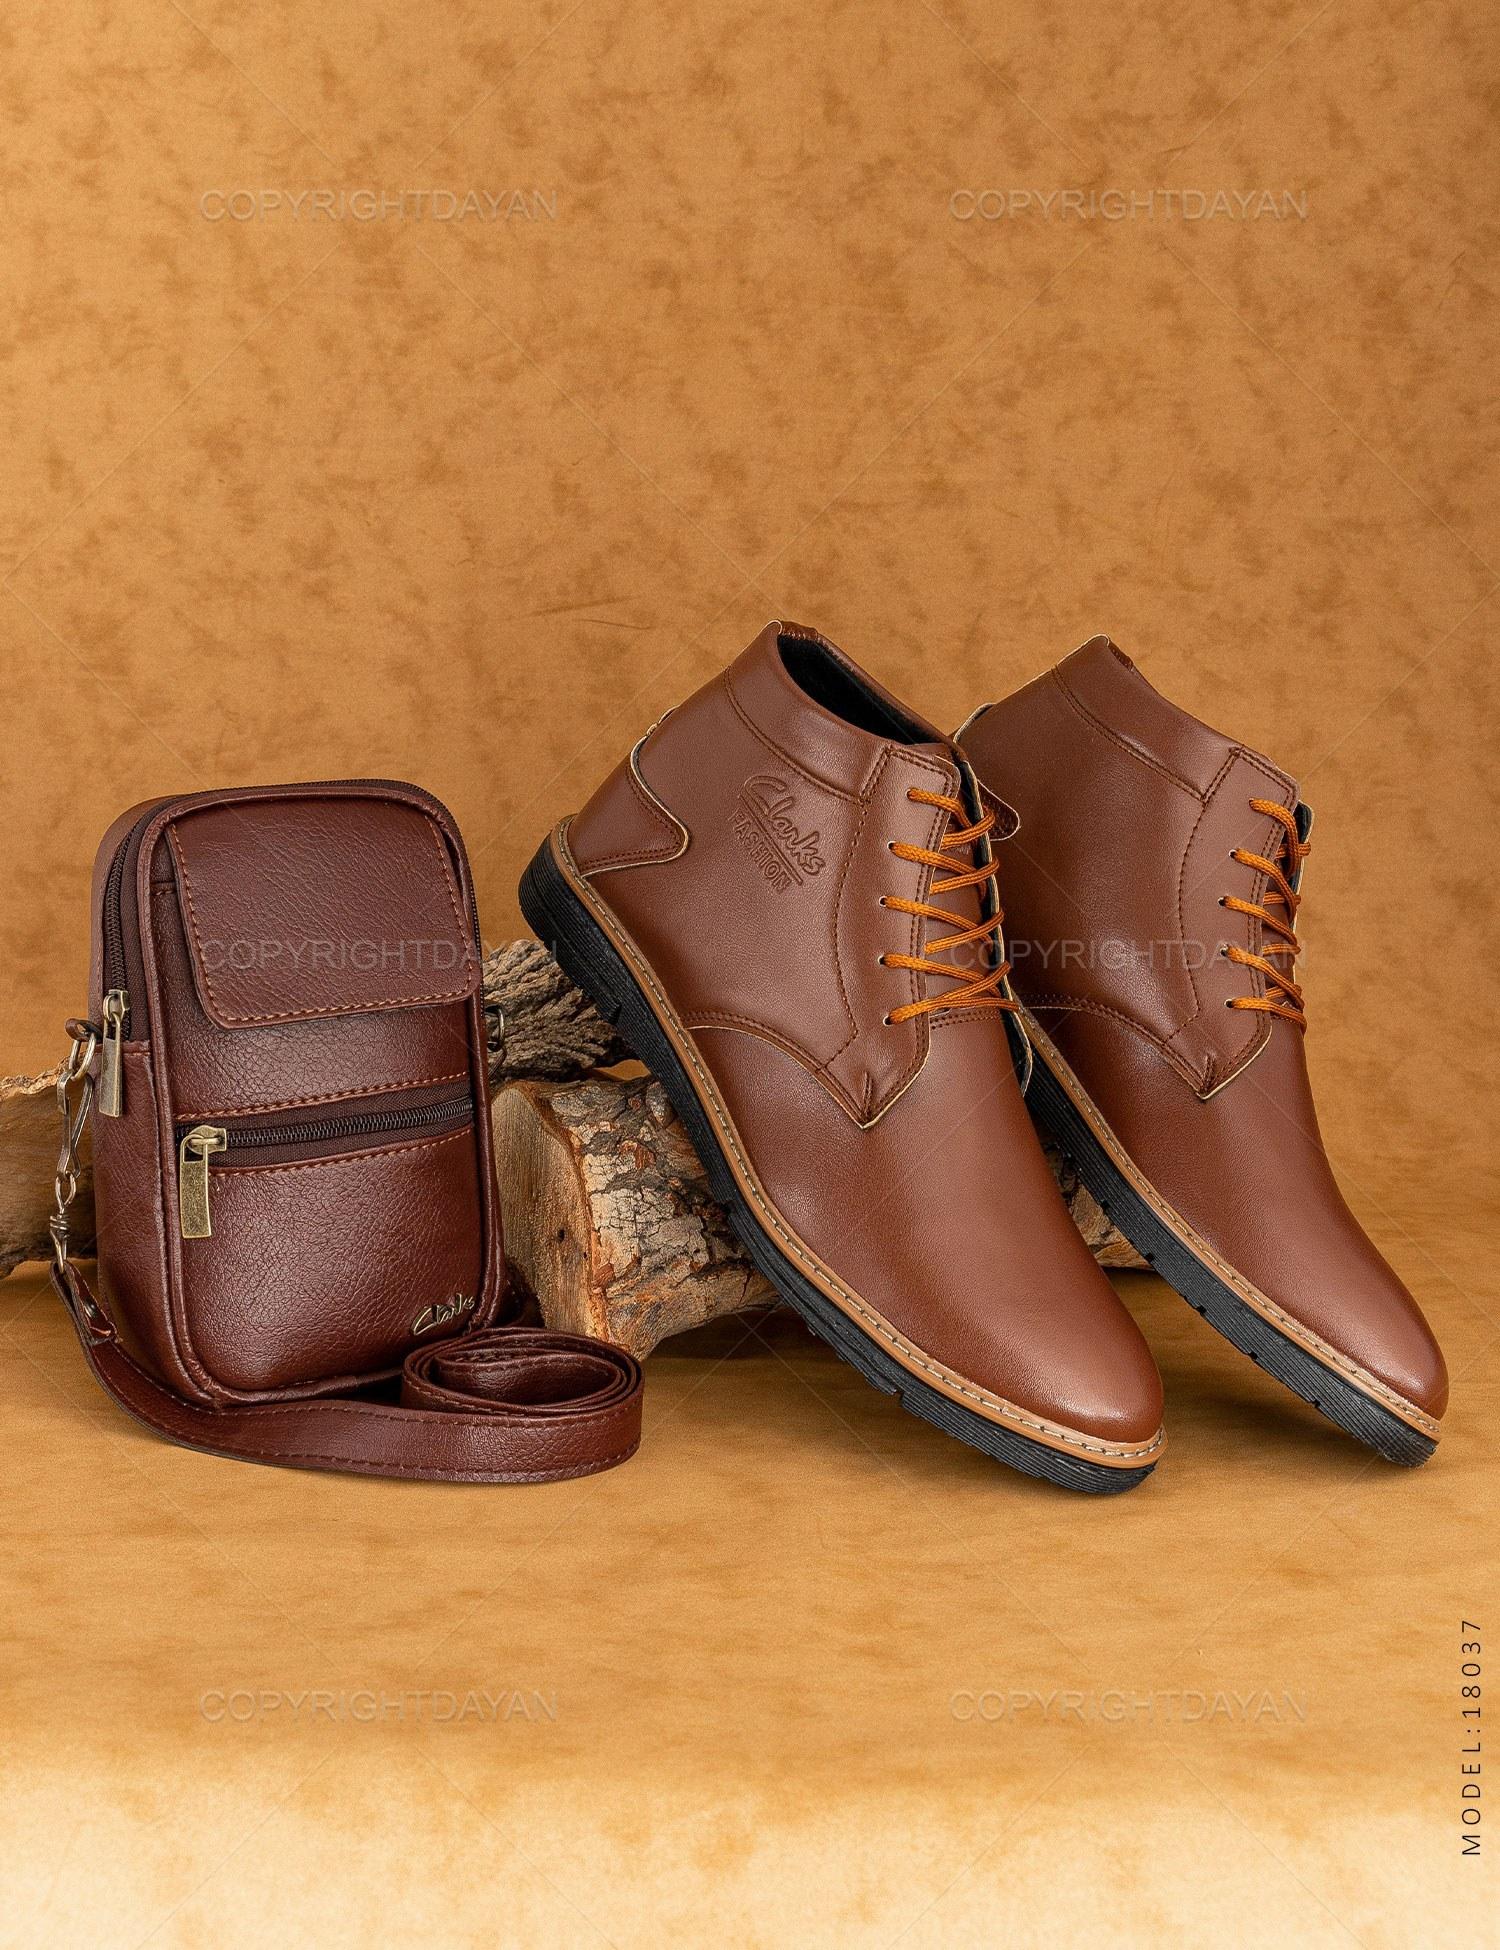 تصویر ست کیف و کفش مردانه Clarks مدل 18037